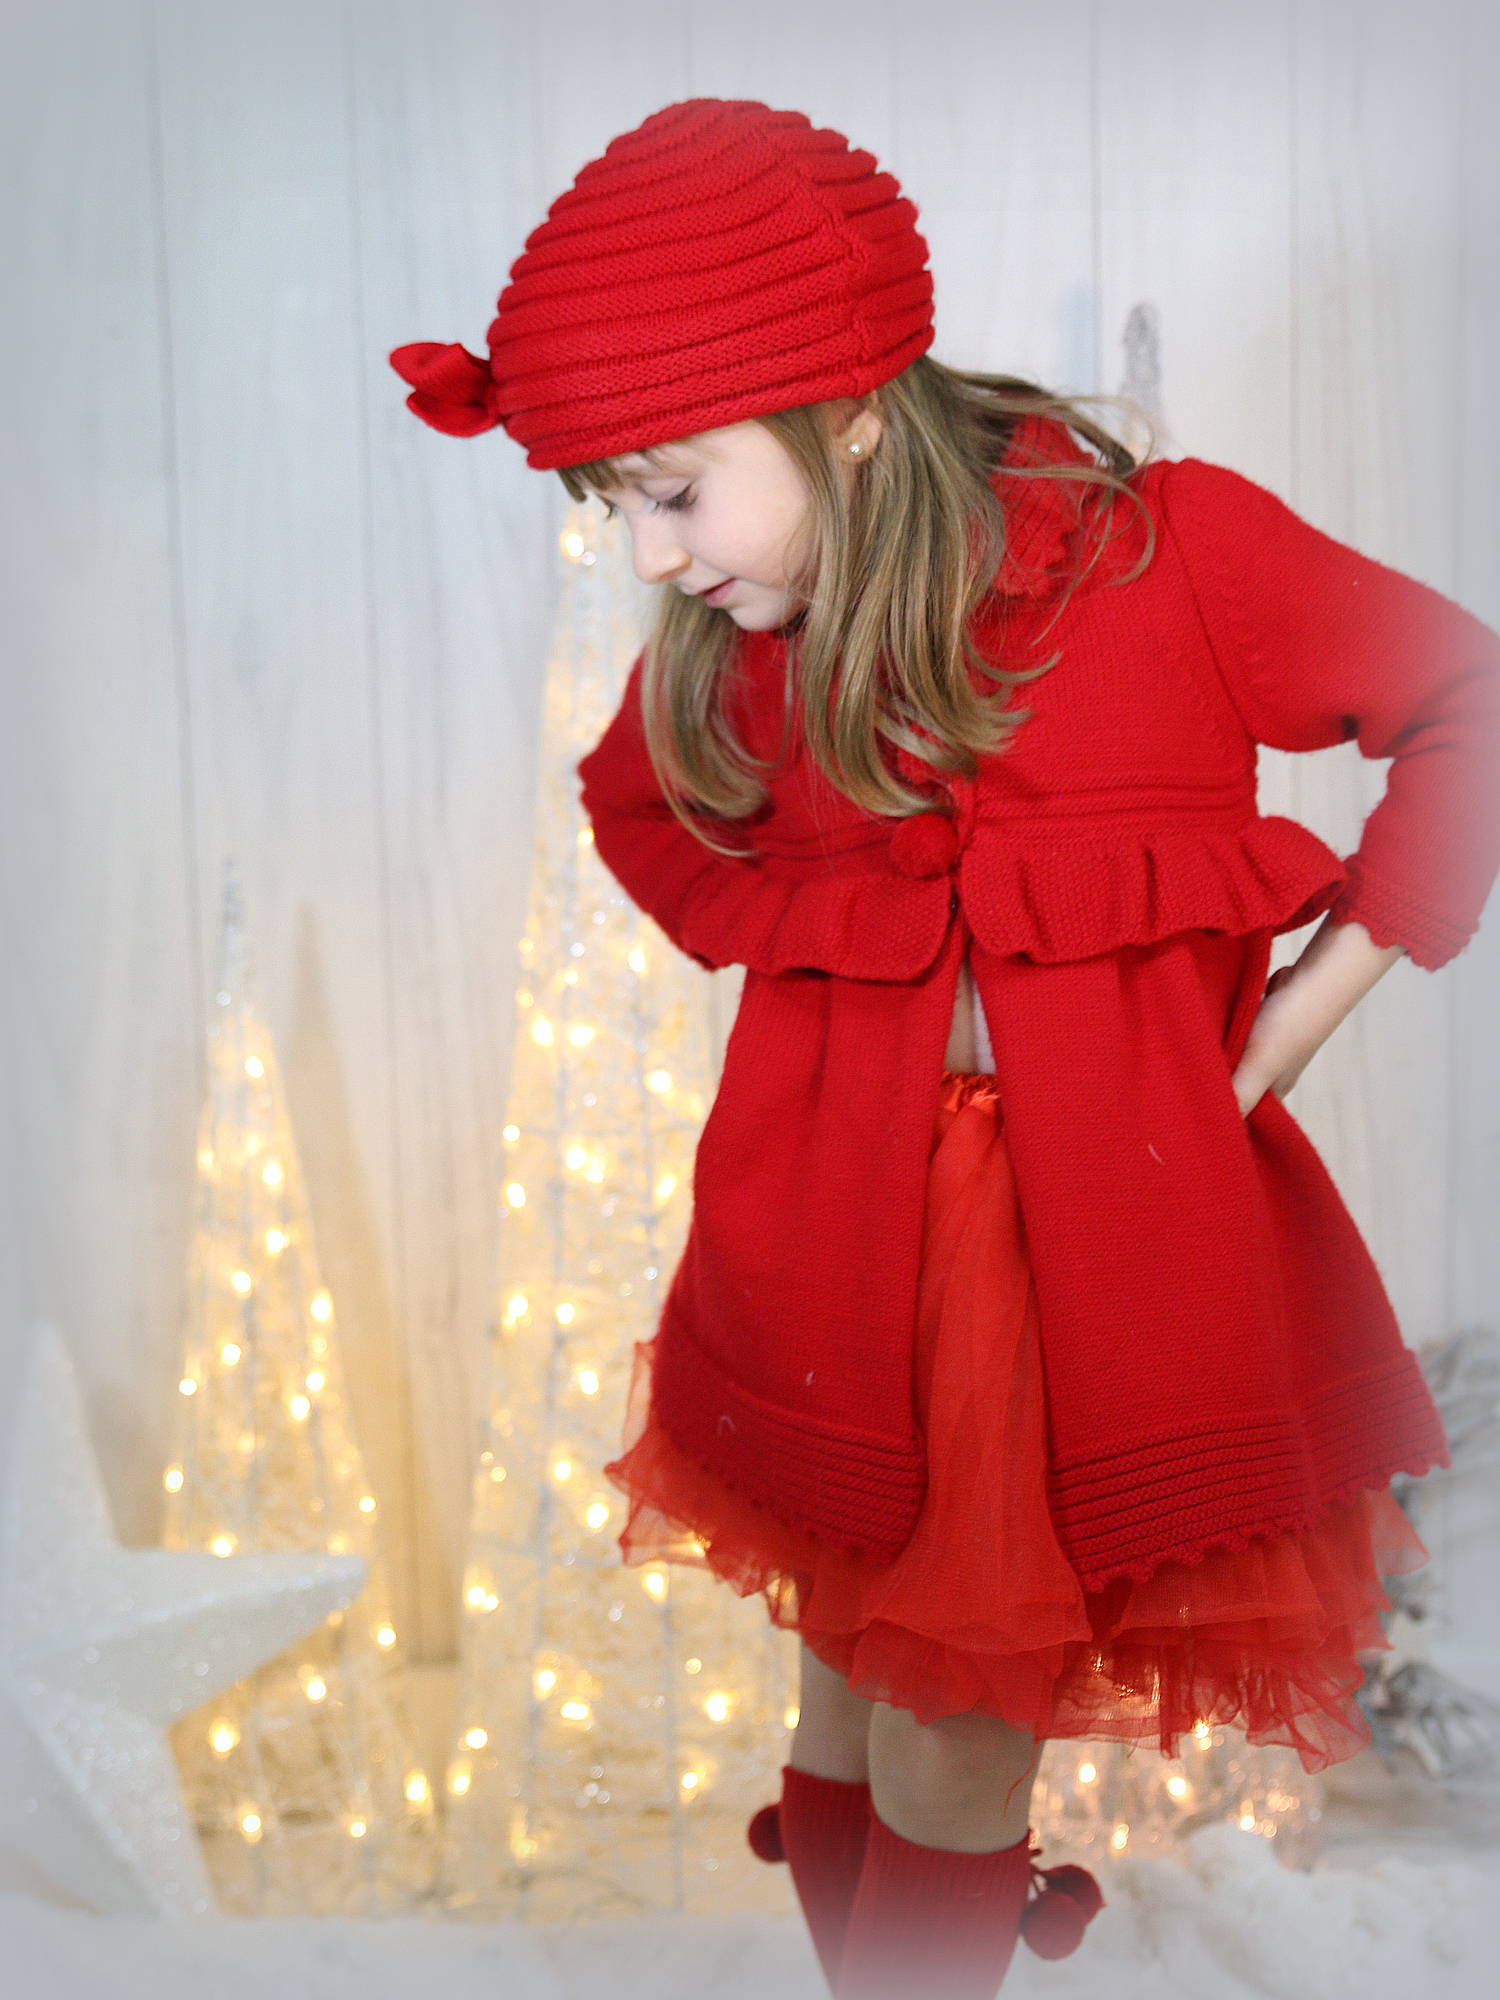 Decoración navideña que se mimetiza con el fondo dando protagonismo a la niña